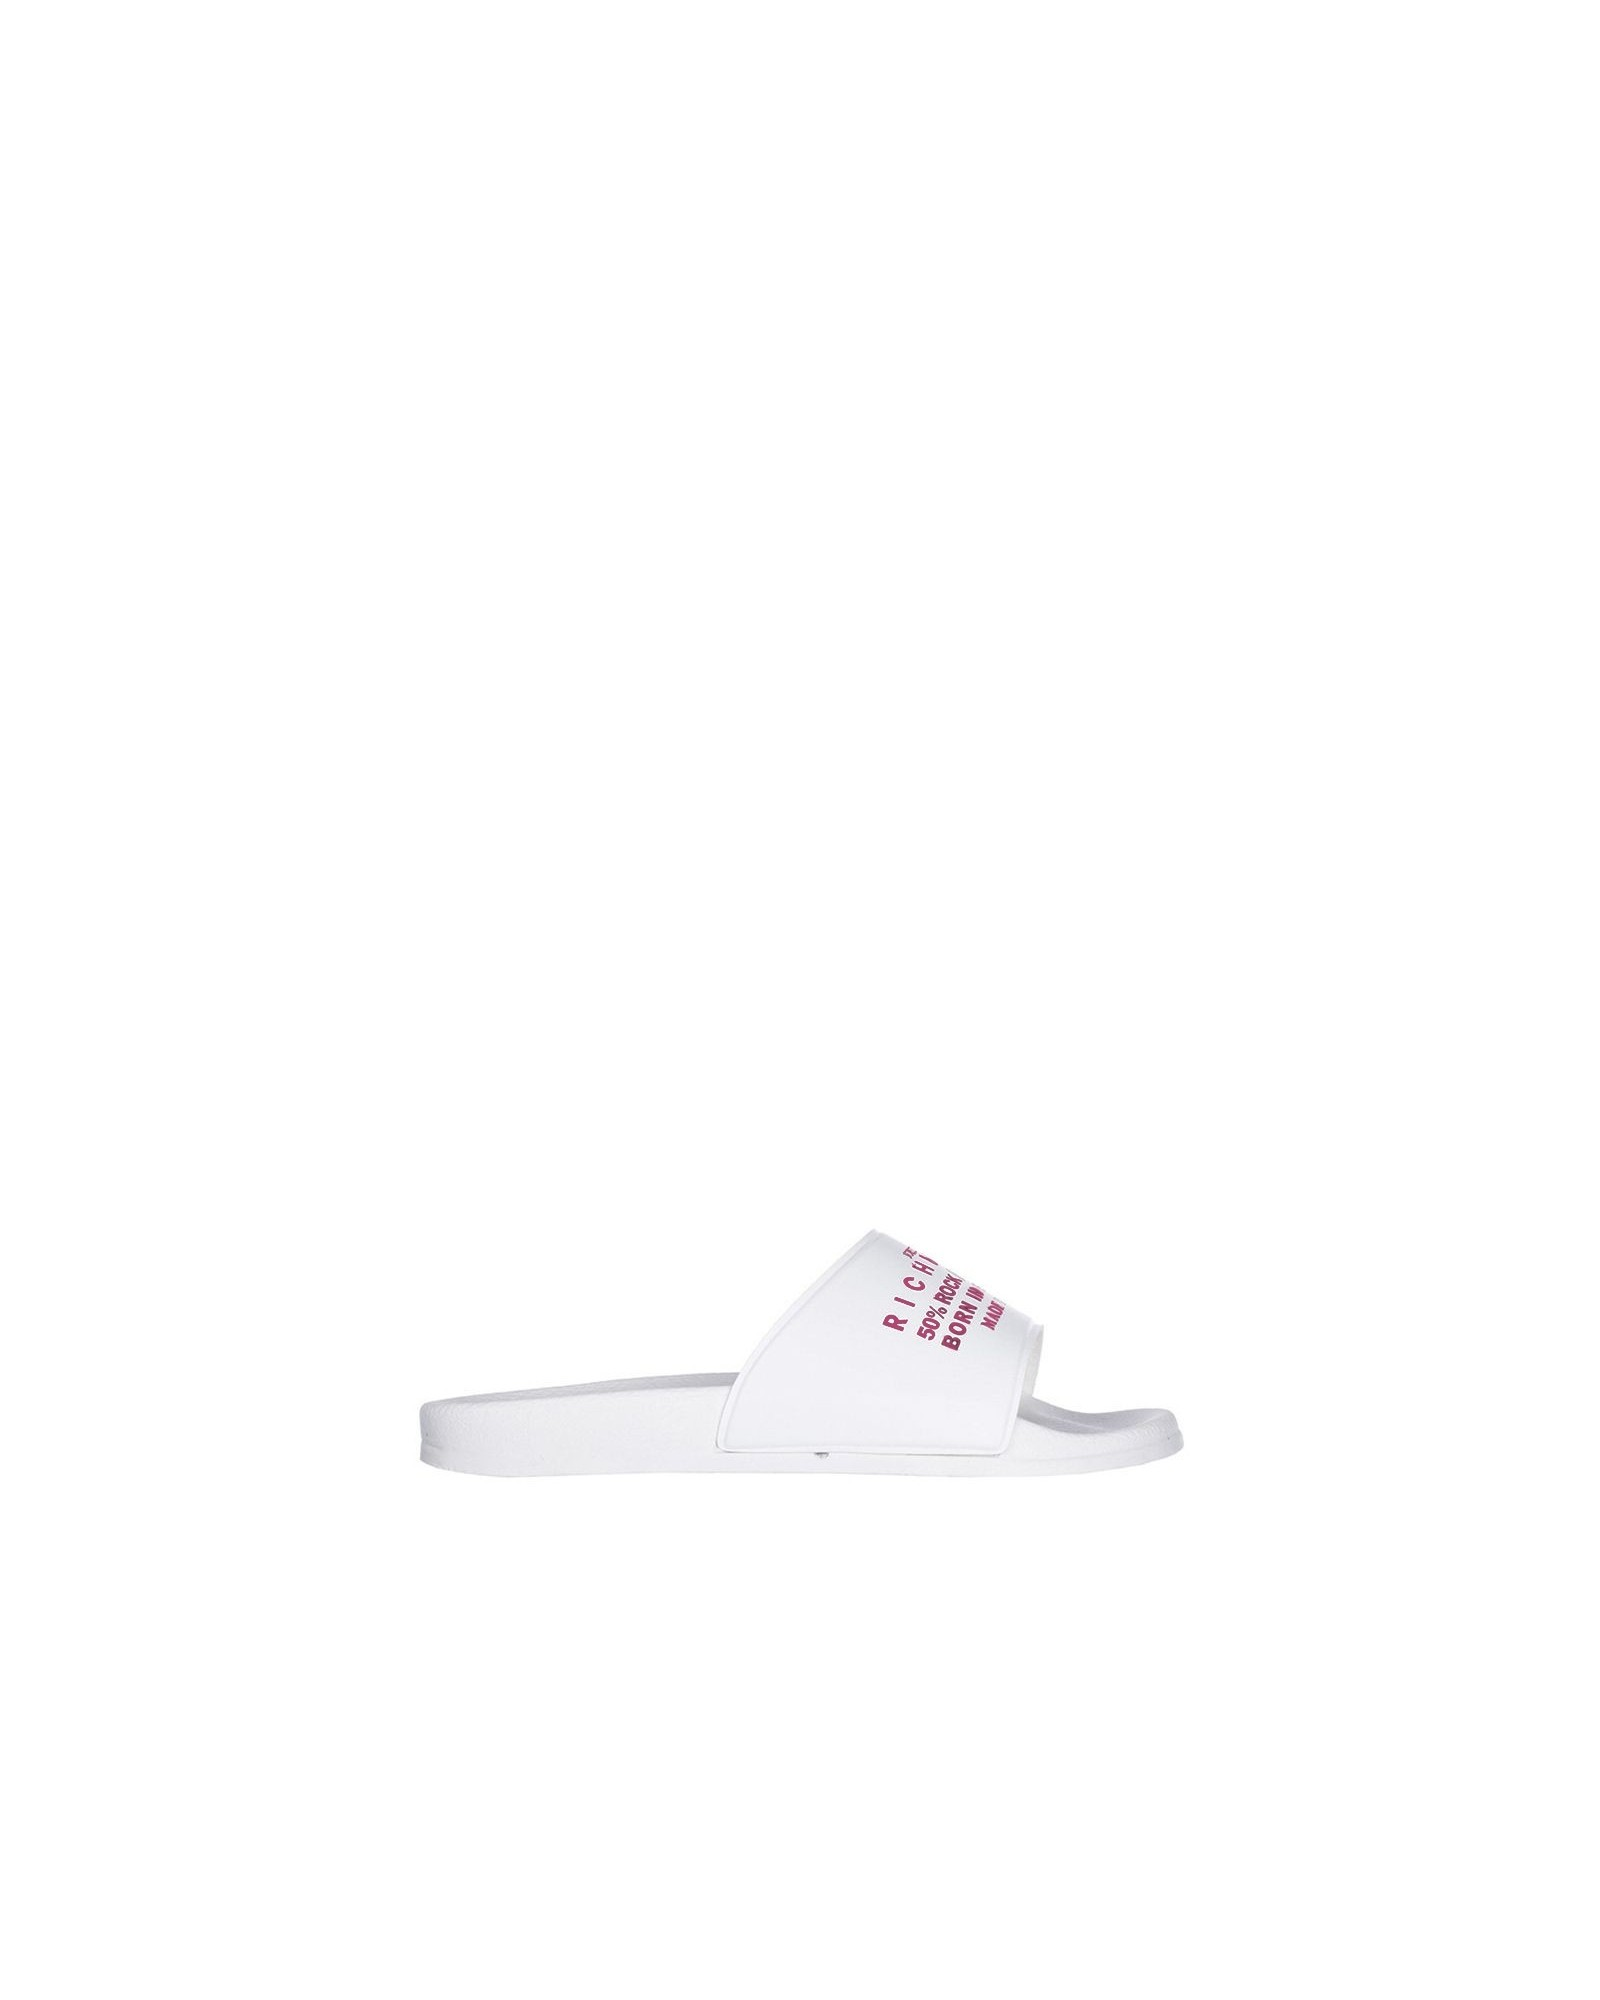 Sandale claquette en caoutchouc blanc à inscription Richmond rose John Richmond